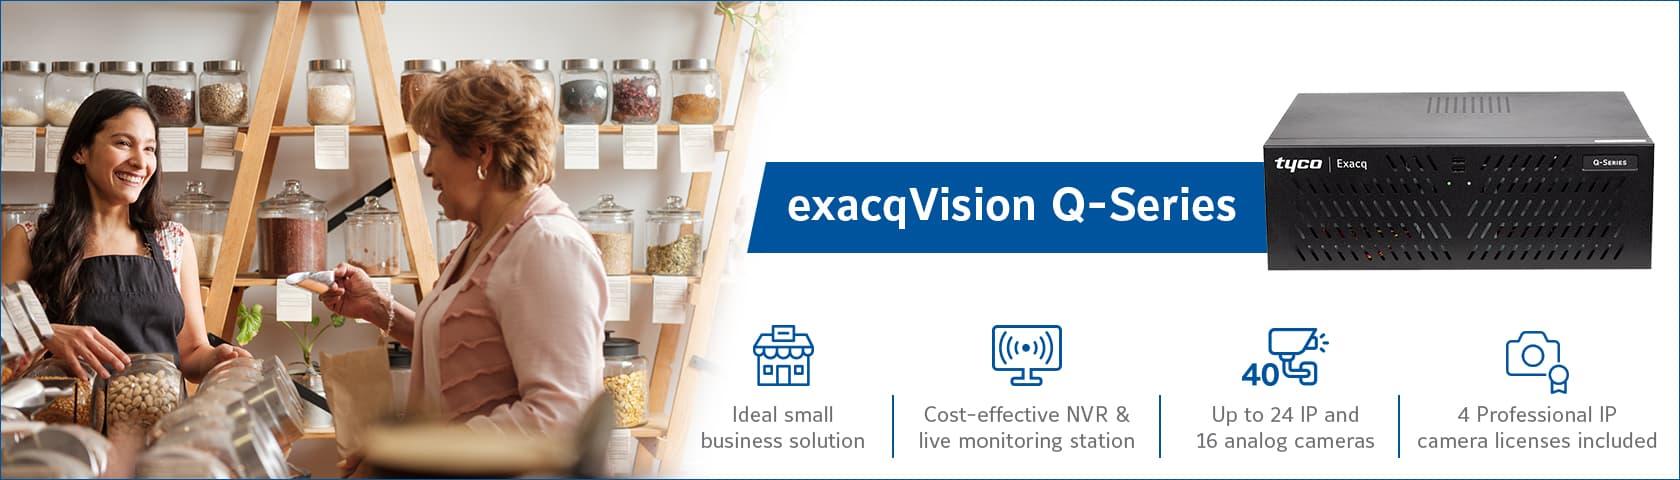 exacqVision Q-Series Release